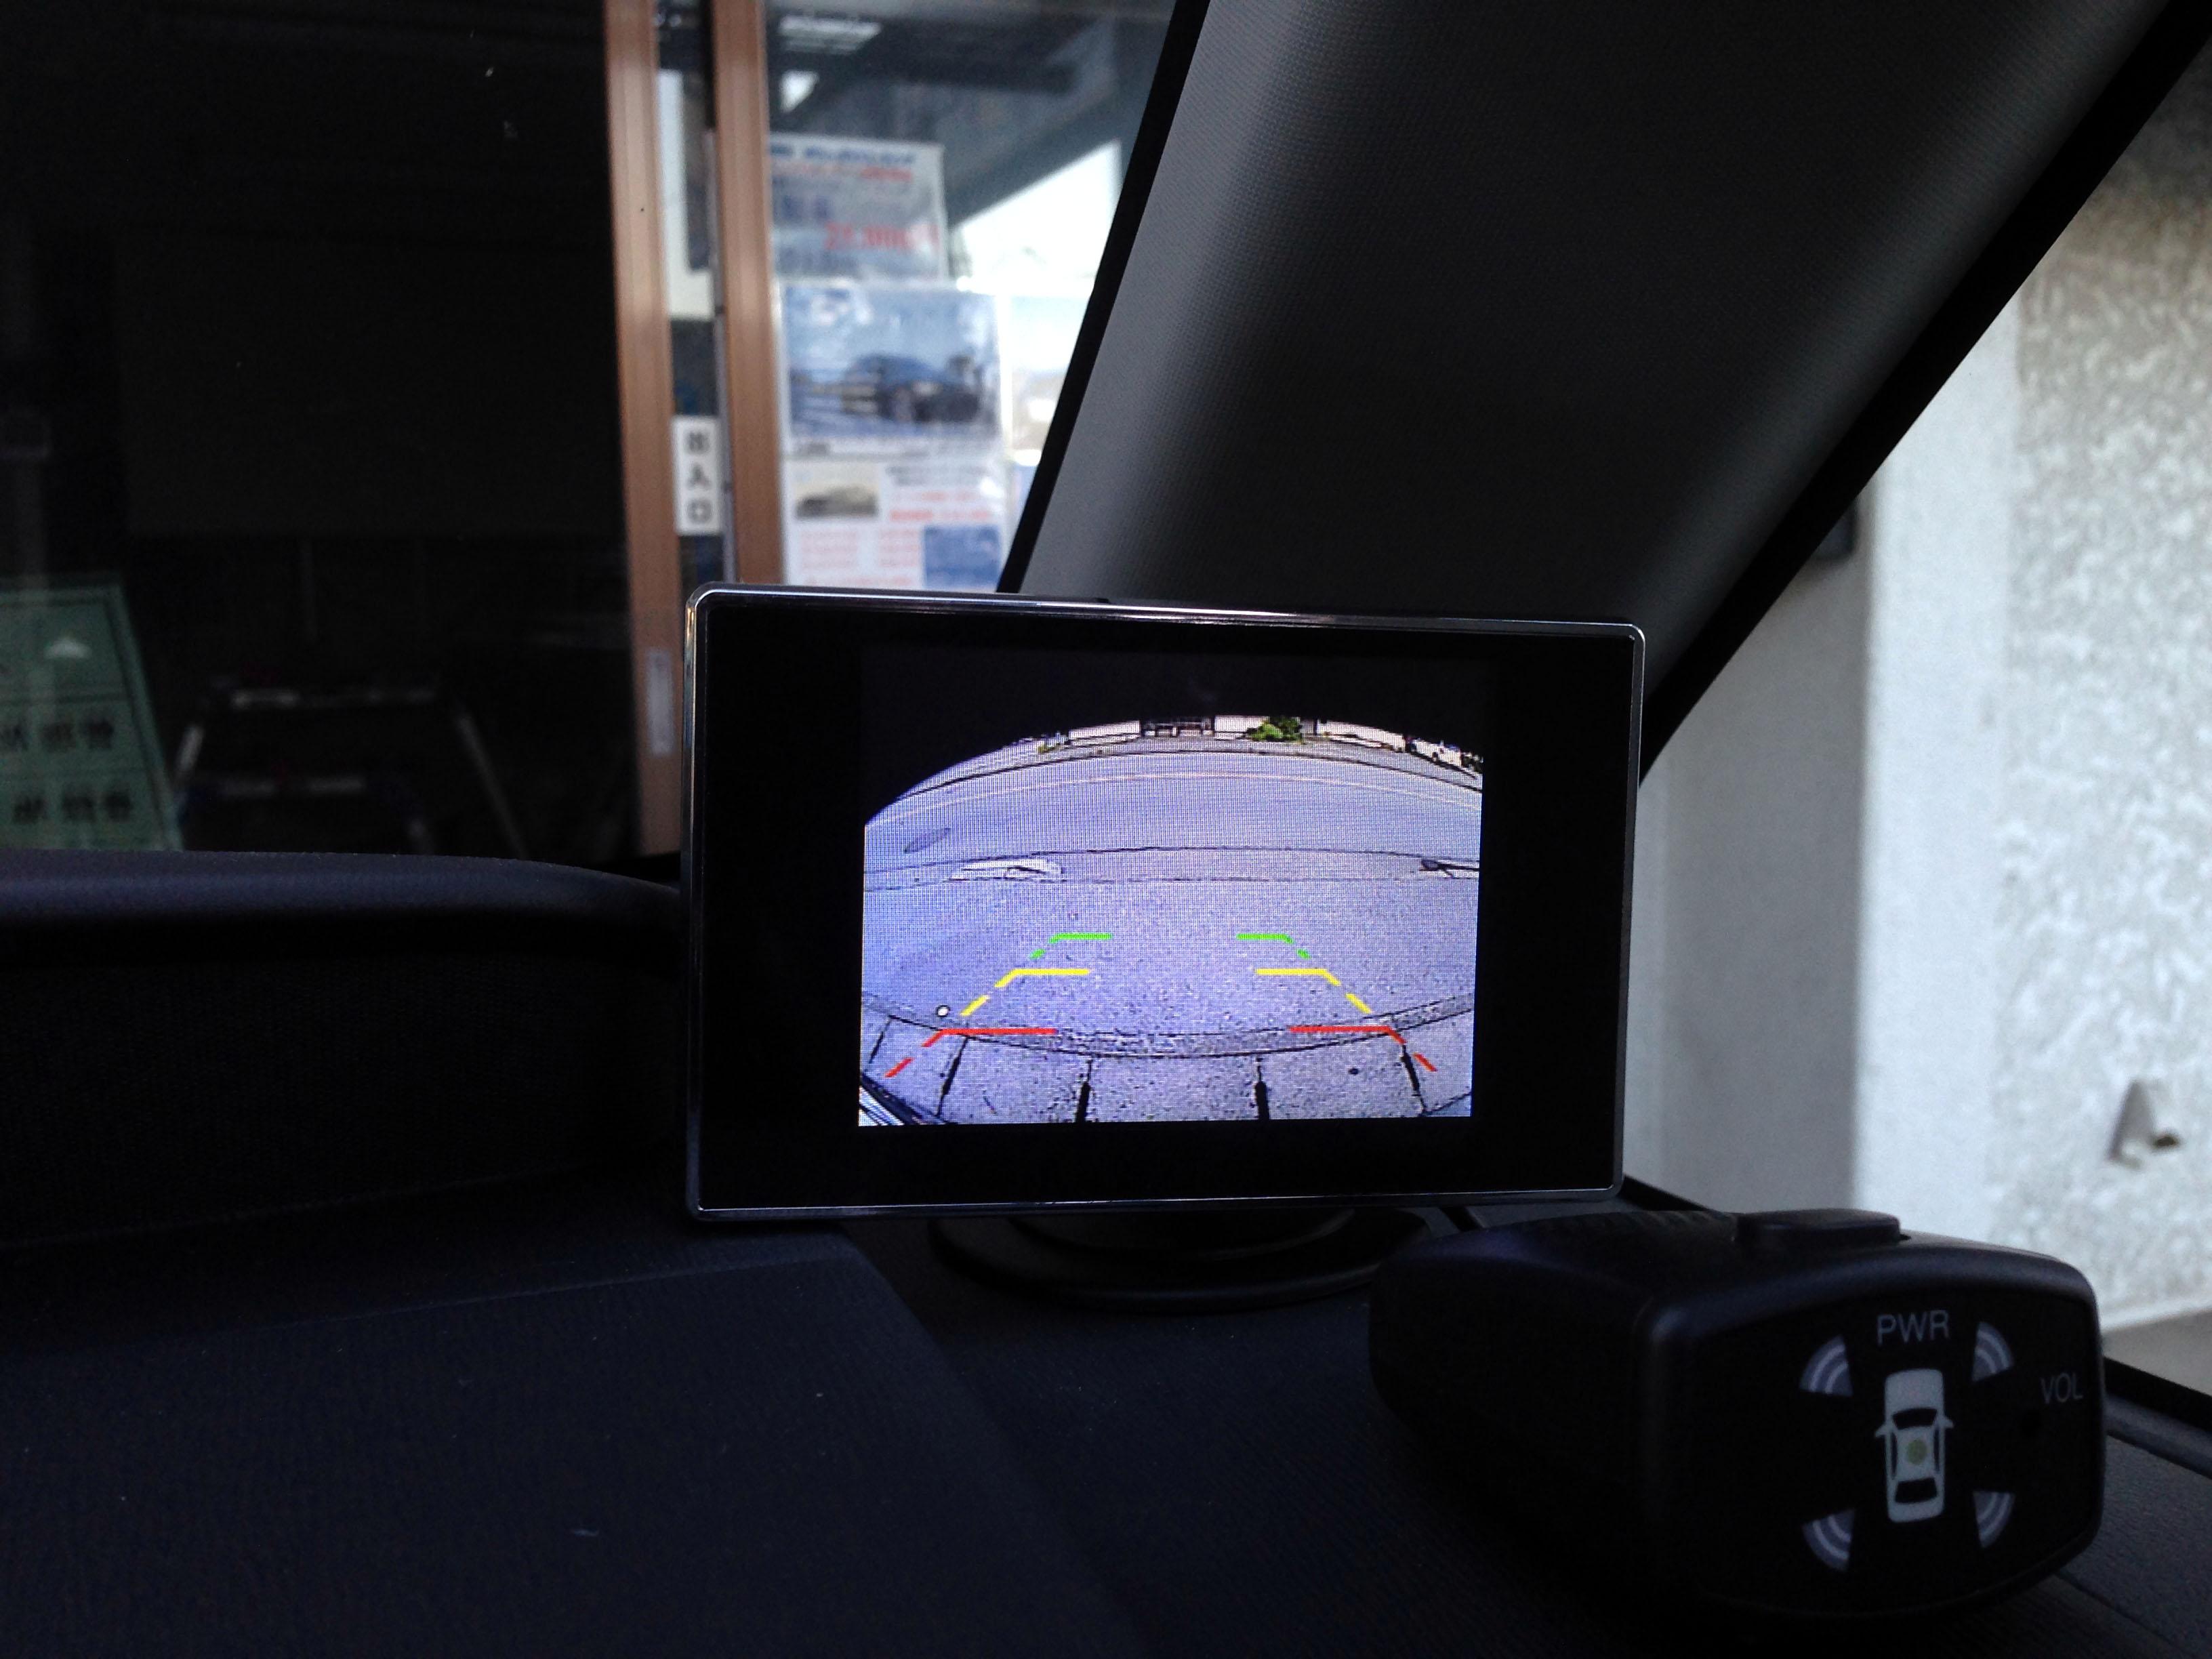 バック時のカメラ用モニターの画像